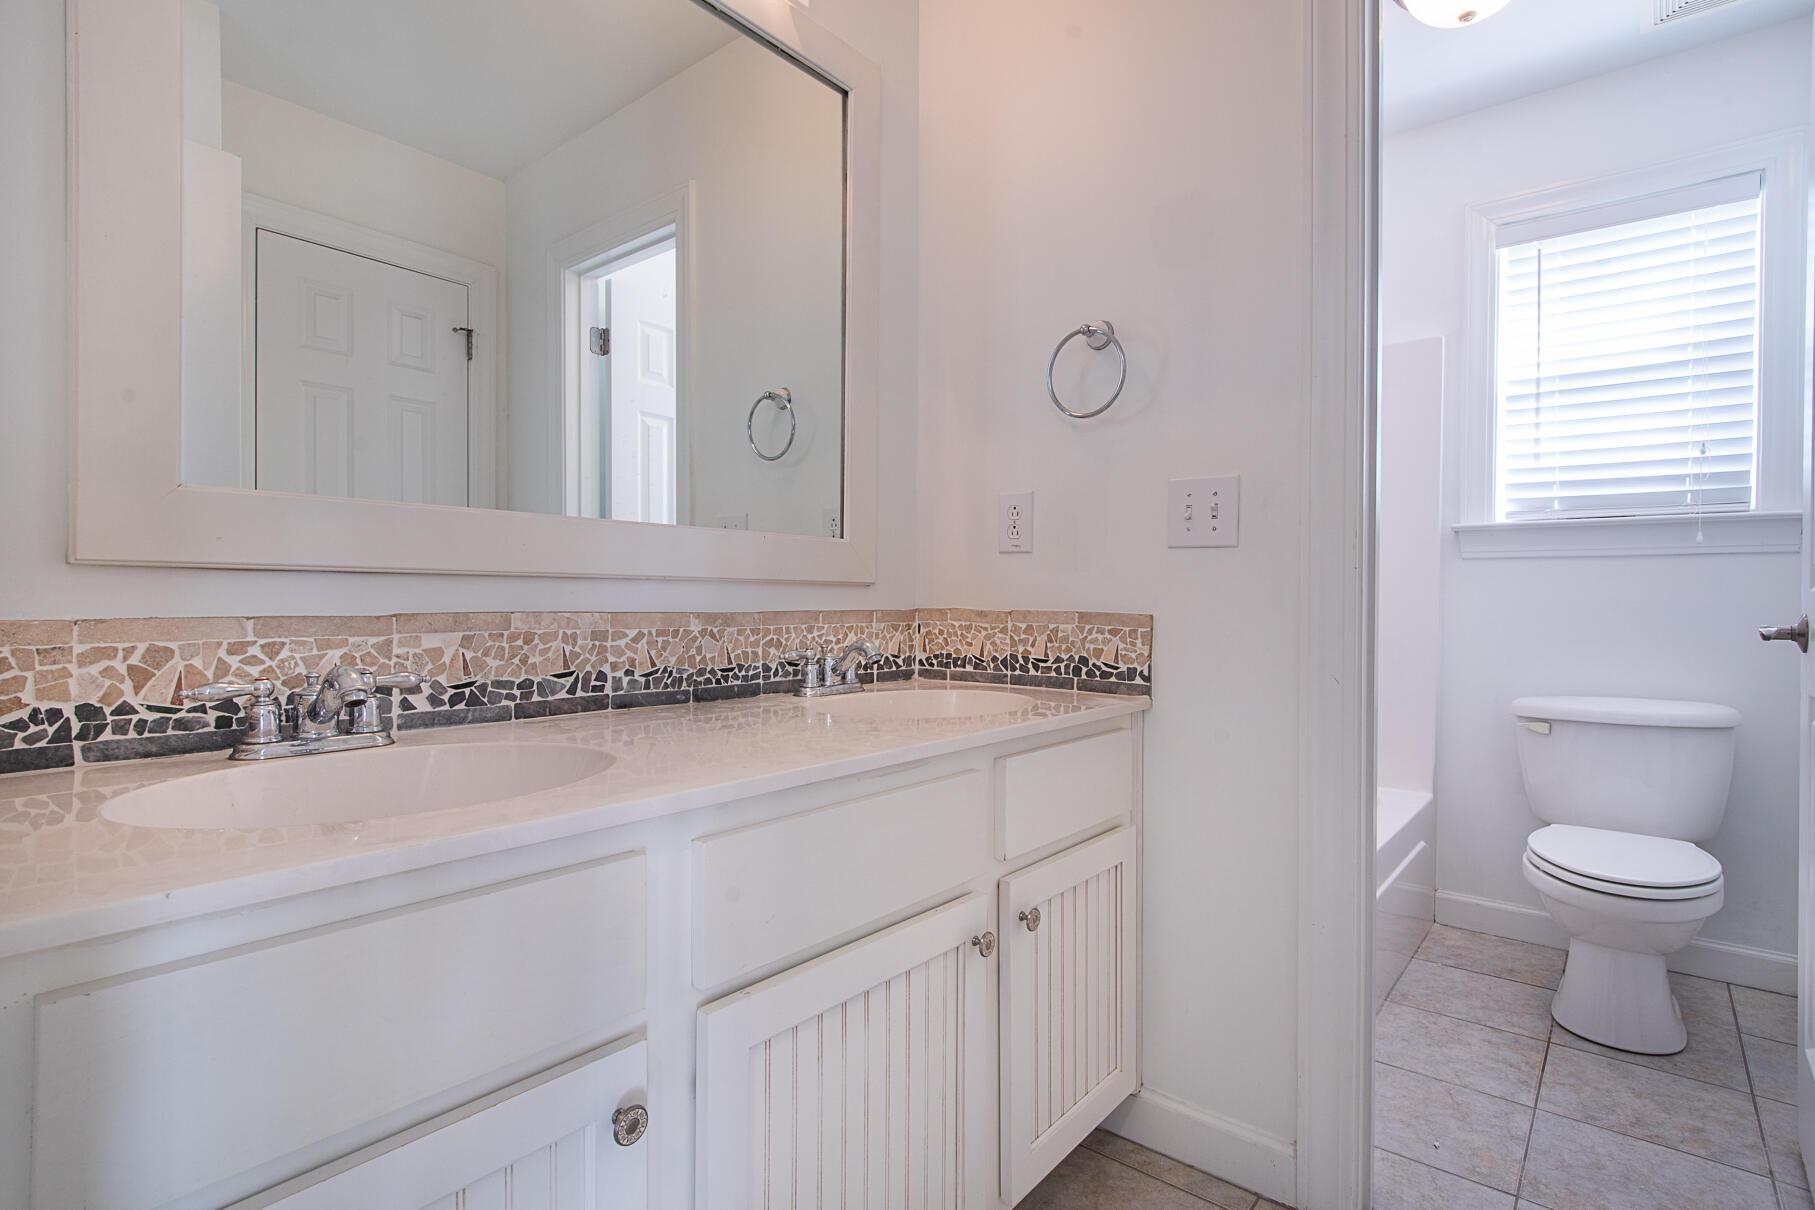 Dunes West Homes For Sale - 3059 Riverwood, Mount Pleasant, SC - 44